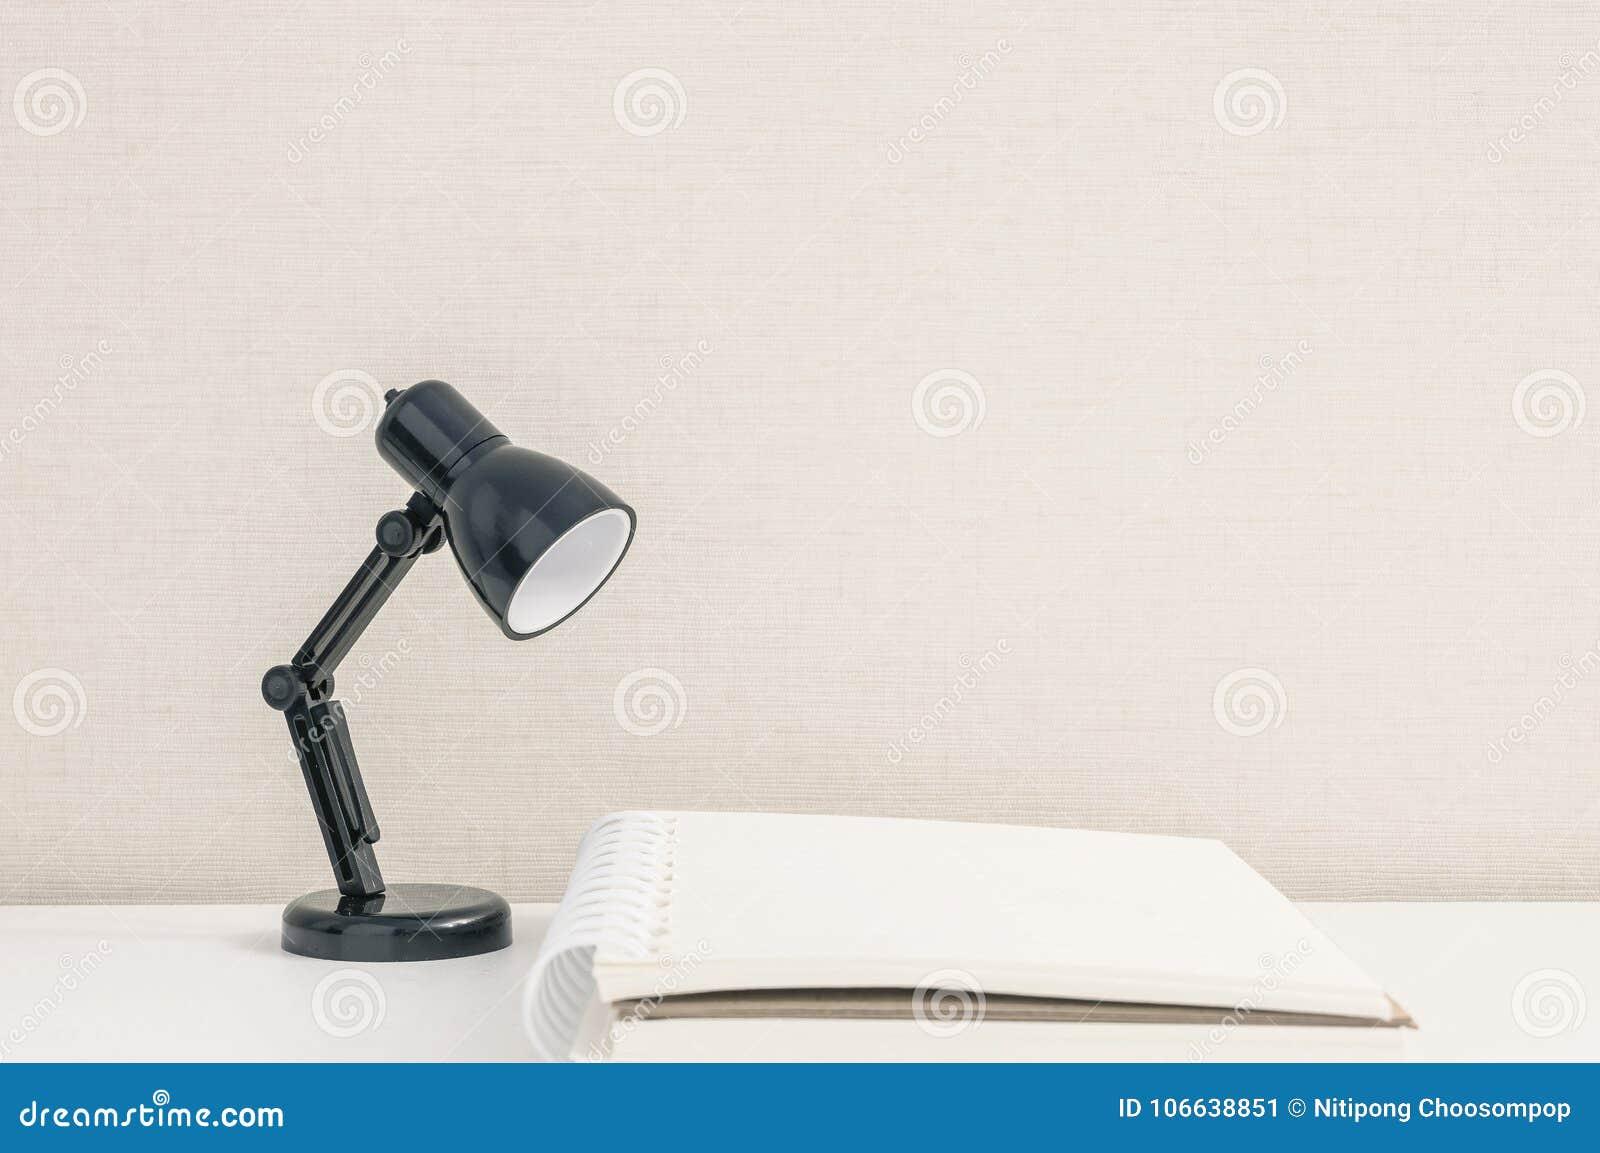 Lampe de bureau scandinave tongariro blanche en métal et bois